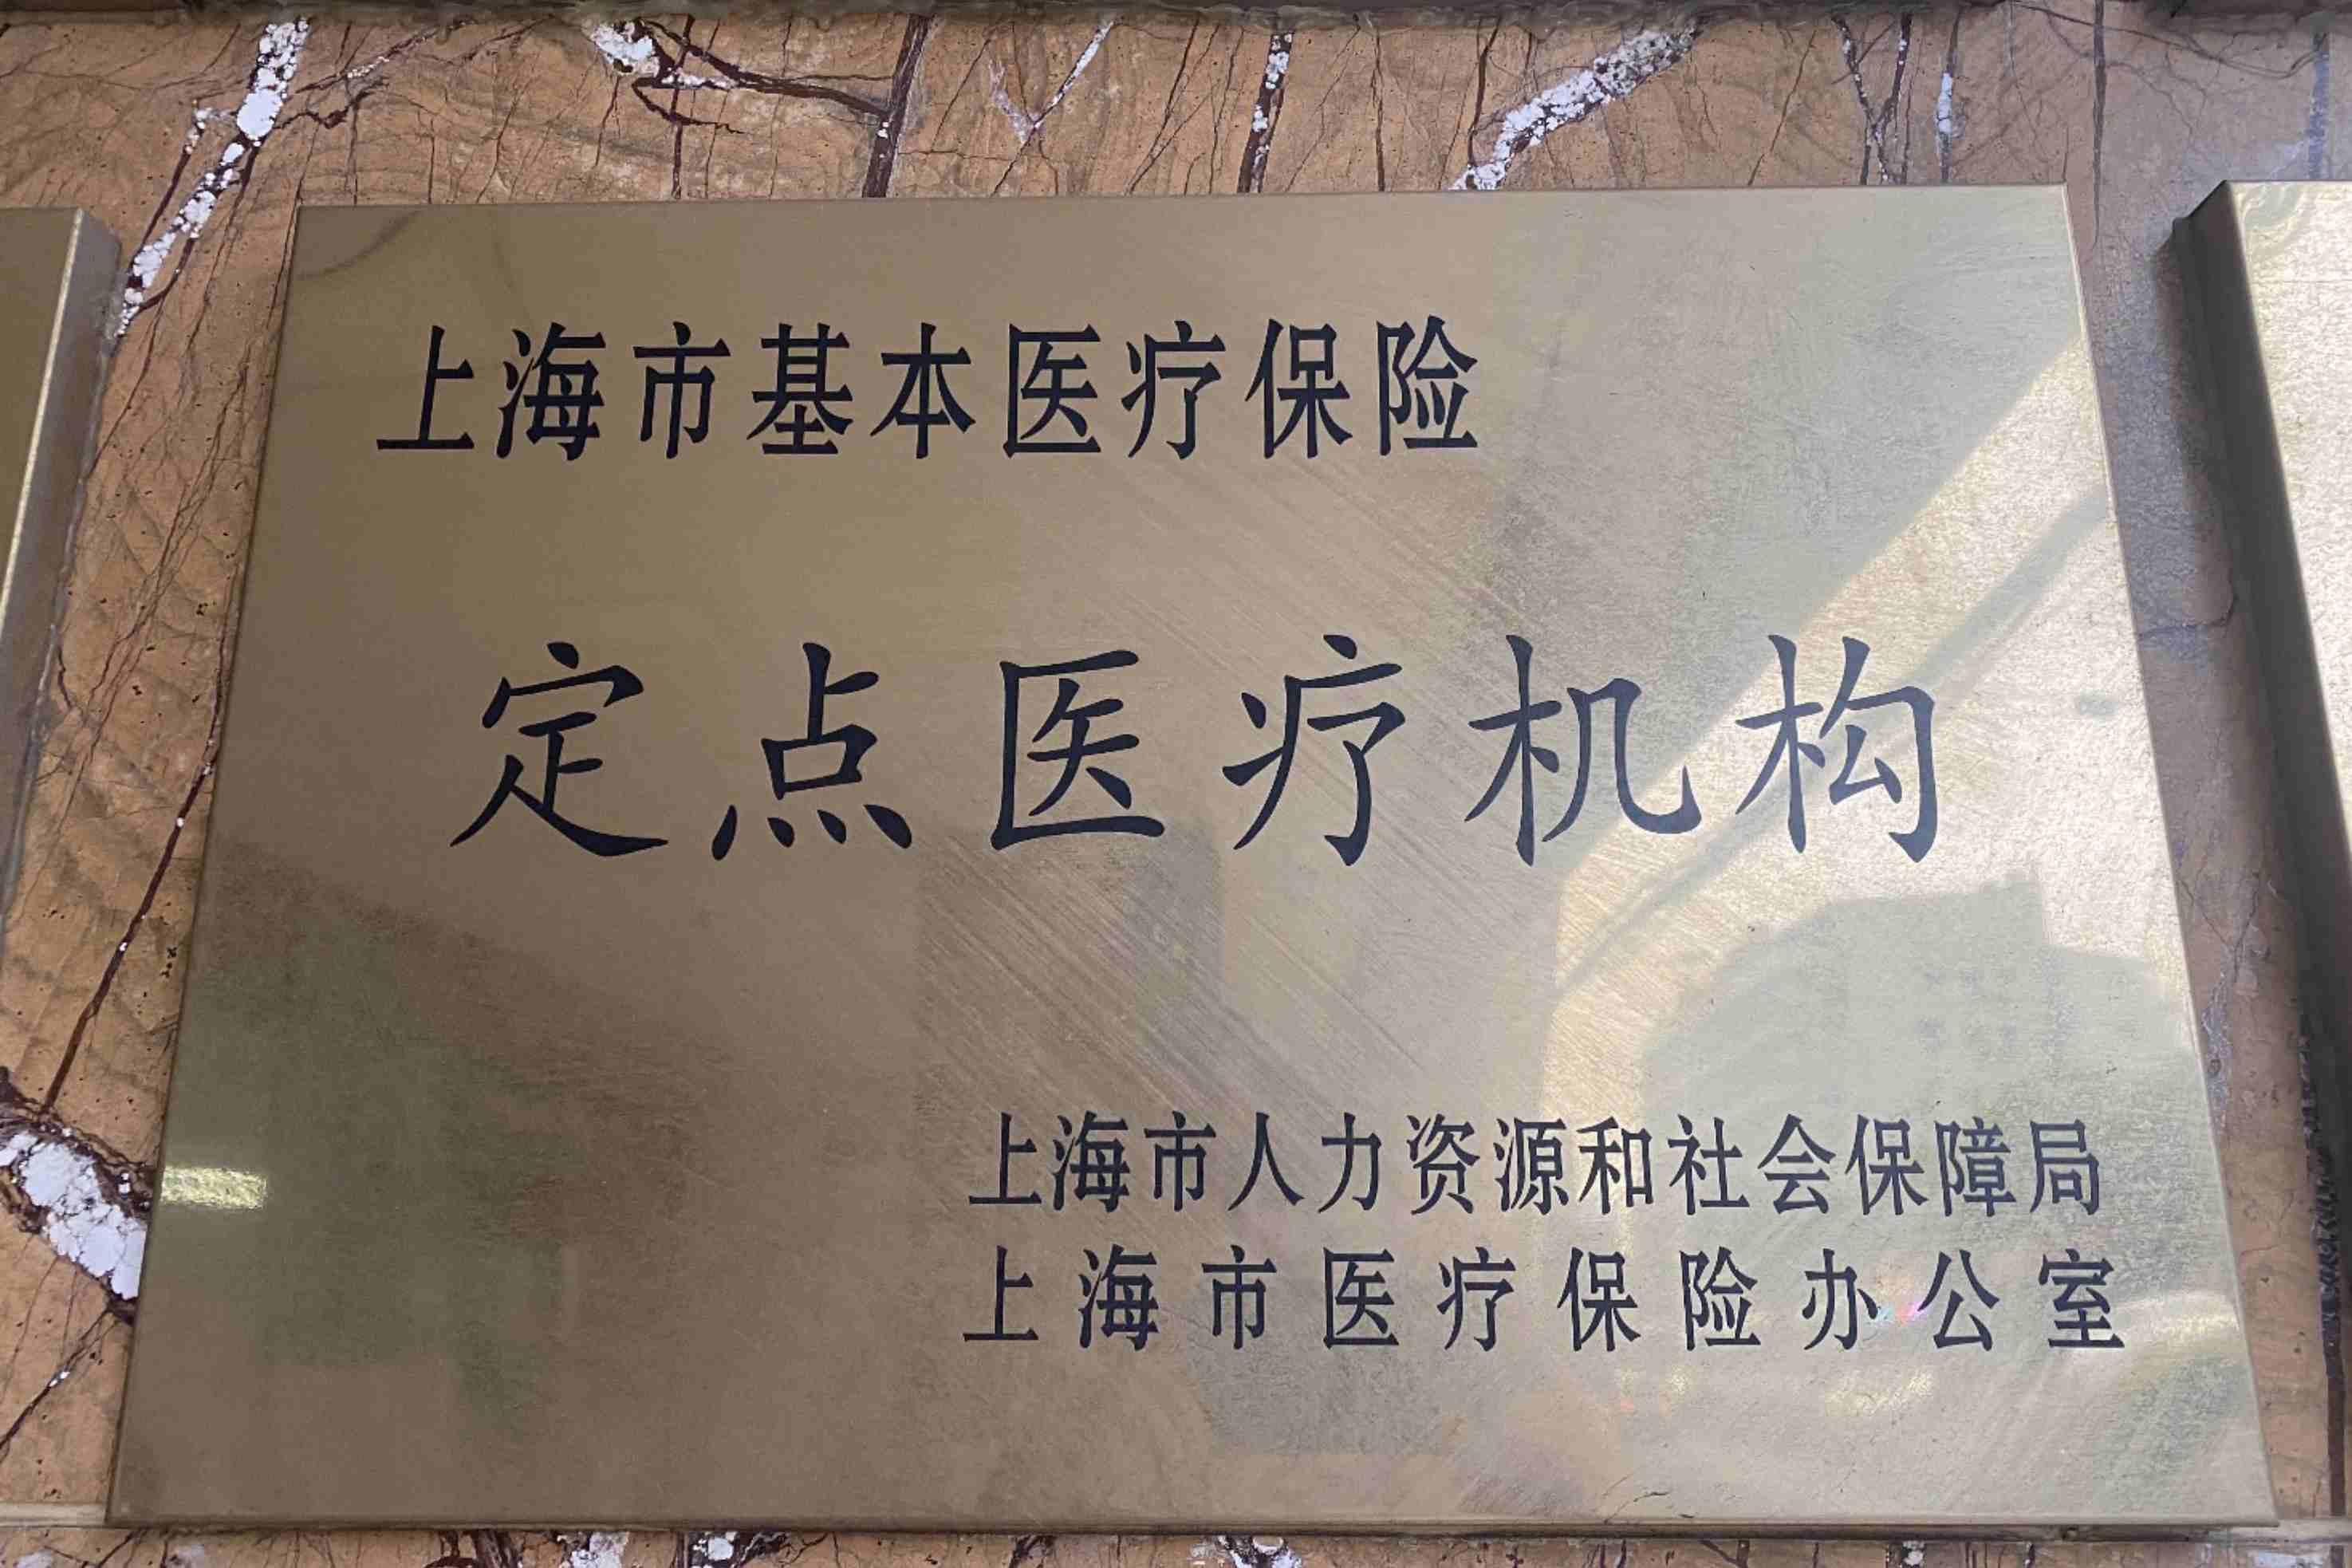 上海市医保定点